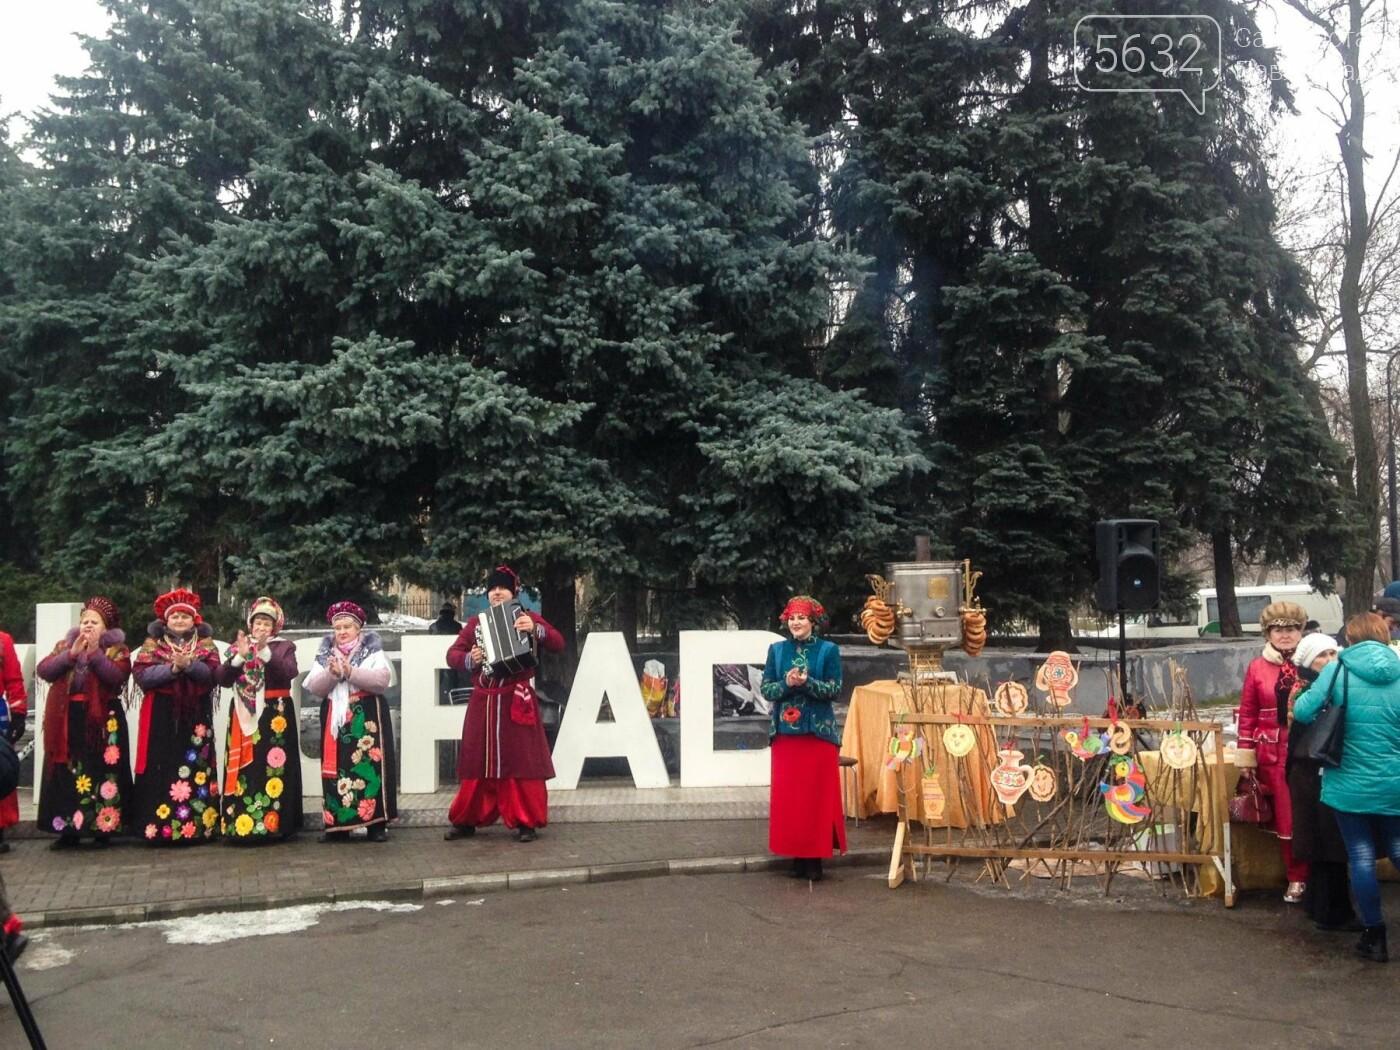 Павлоградцы устроили на Масленицу настоящие народные гулянья, фото-12